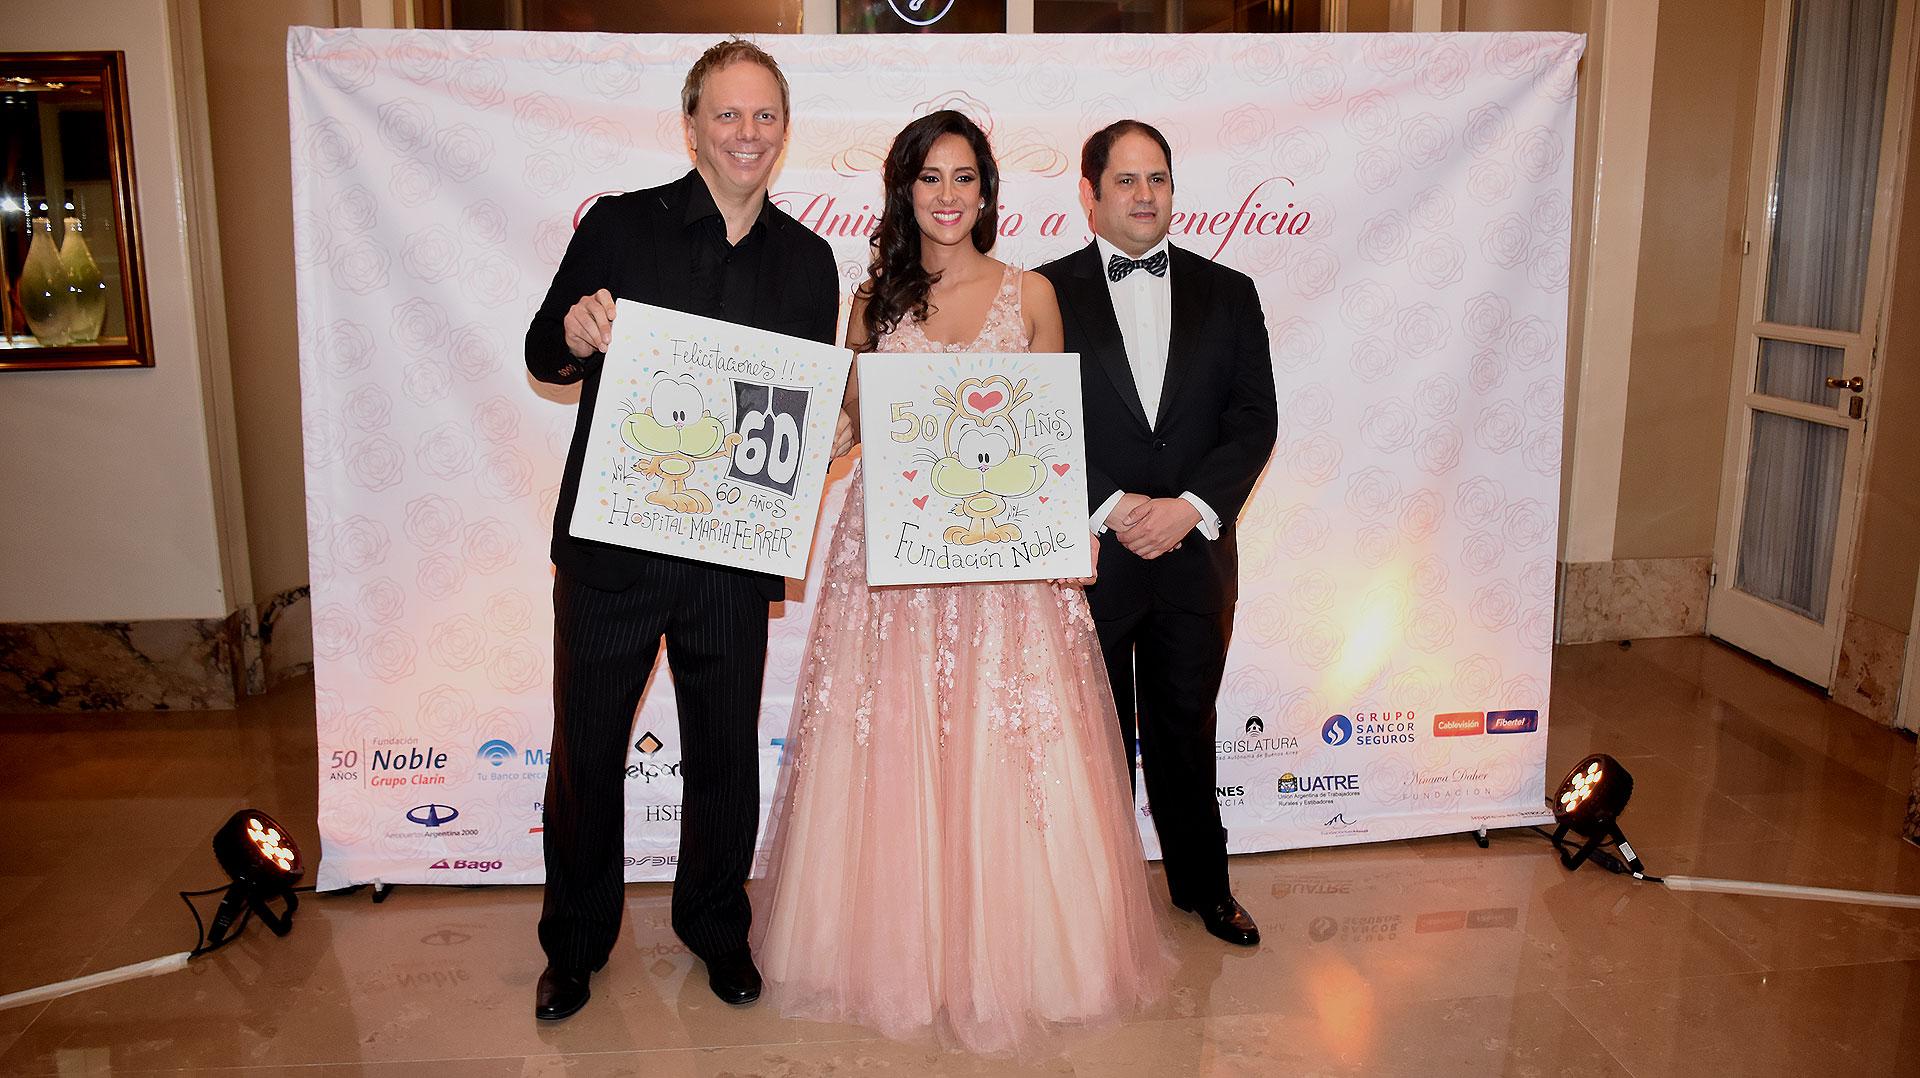 El caricaturista Nik junto a Vanesa y Felipe Noble Herrera